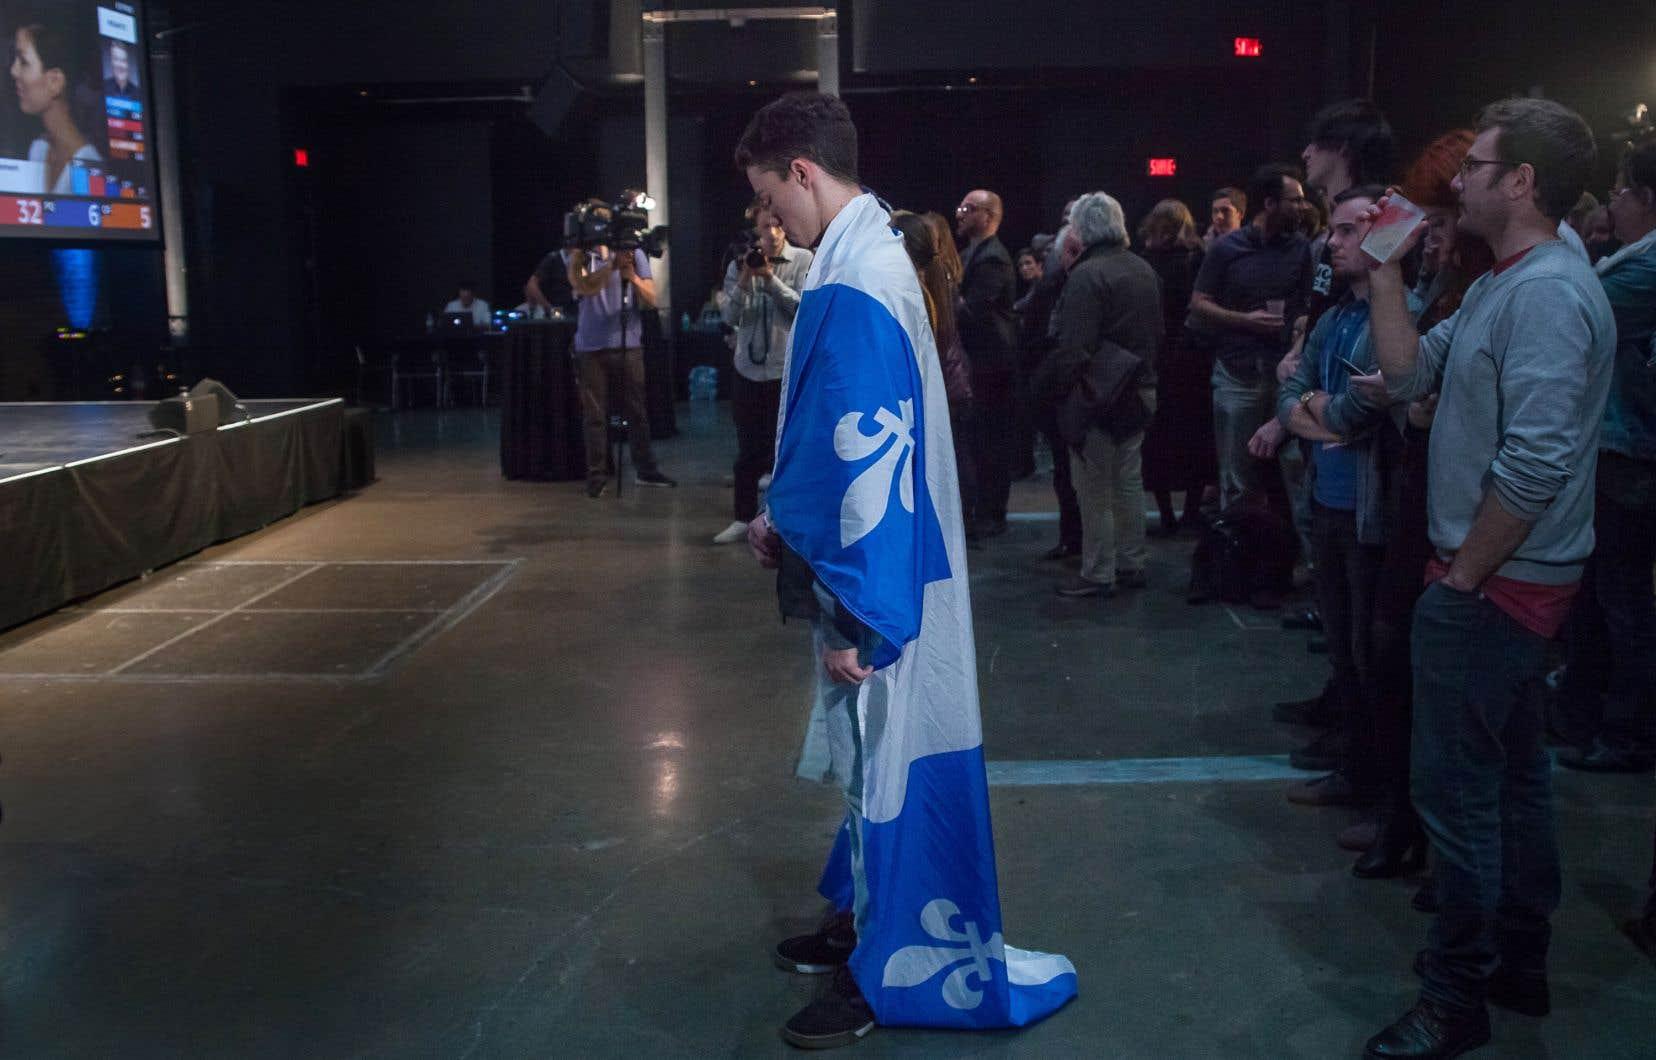 La stratégie consistant à mettre de côté l'indépendance sous prétexte que cette dernière est trop impopulaire pour prendre le pouvoir mène encore davantage le Parti québécois à l'échec électoral, croit l'auteur.